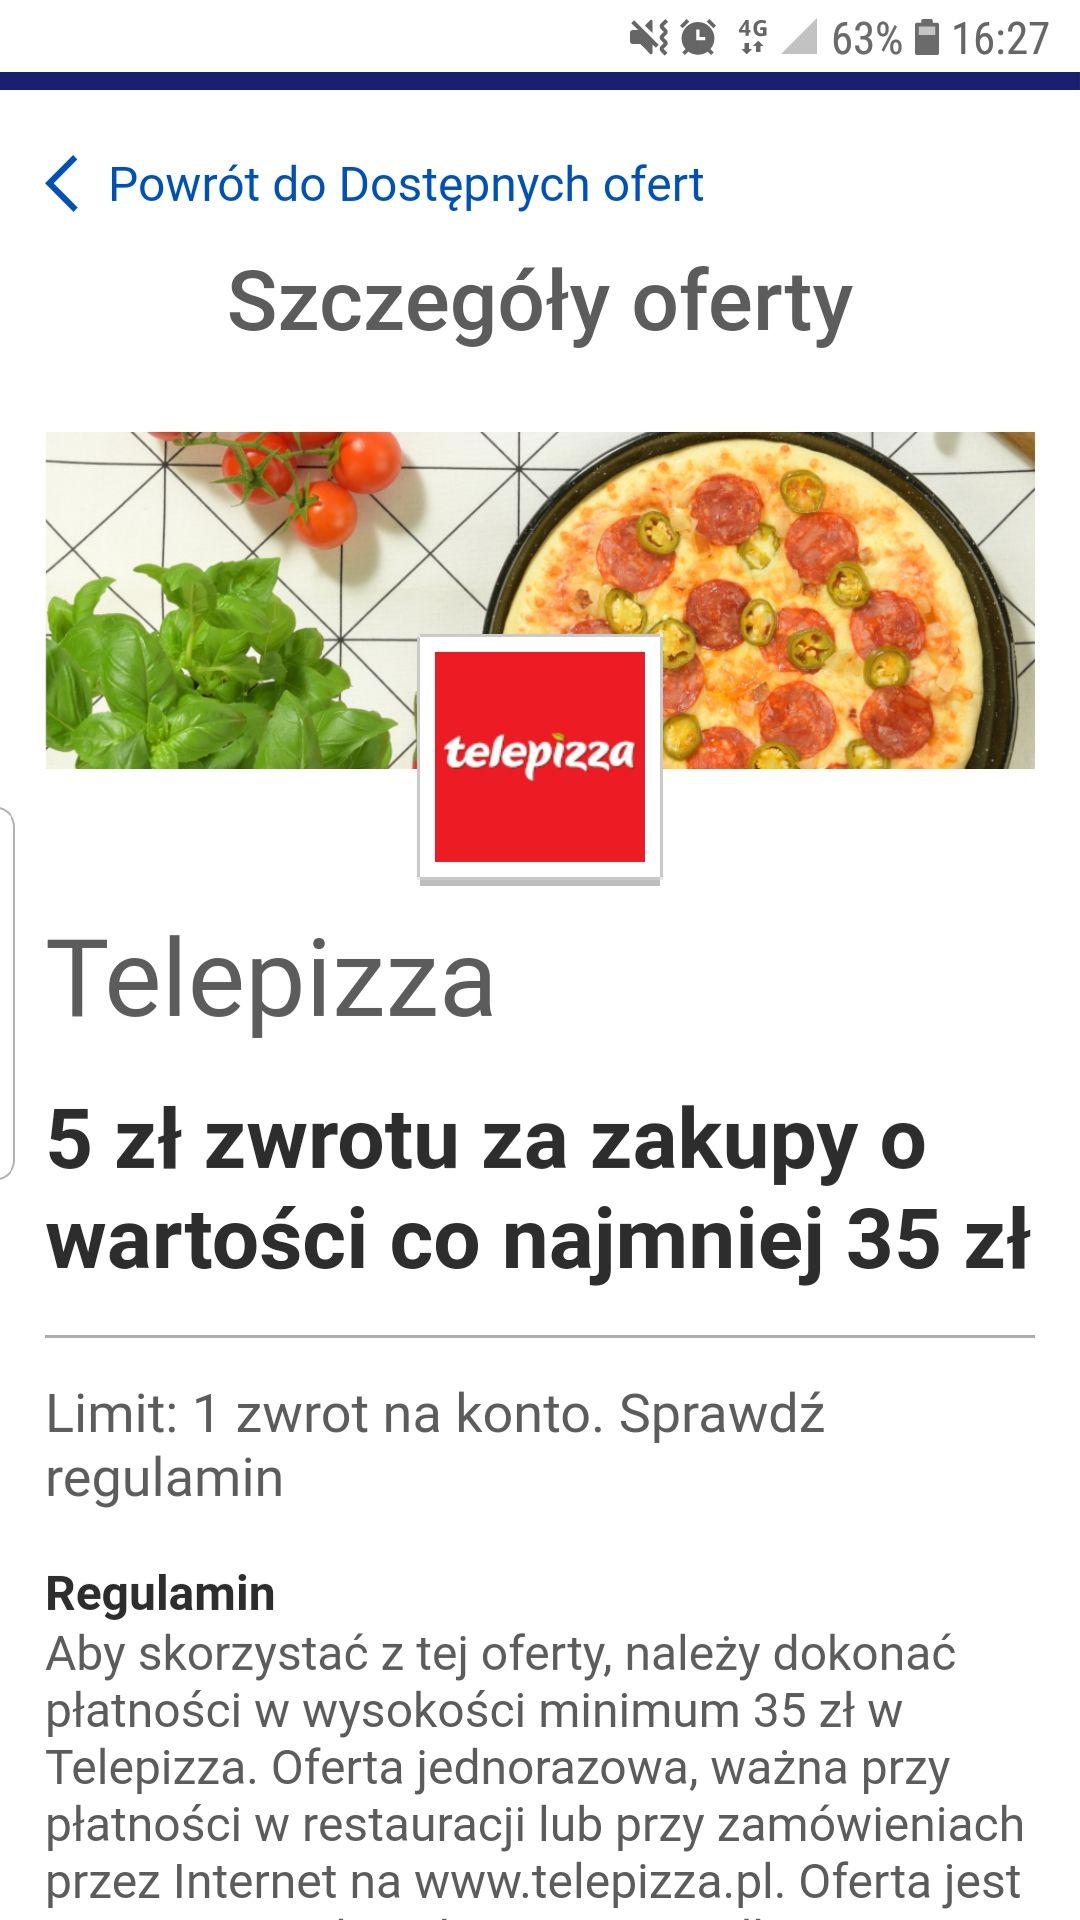 VISA Telepizza 5zł zwrotu za zakupy o wartości co najmniej 35zł